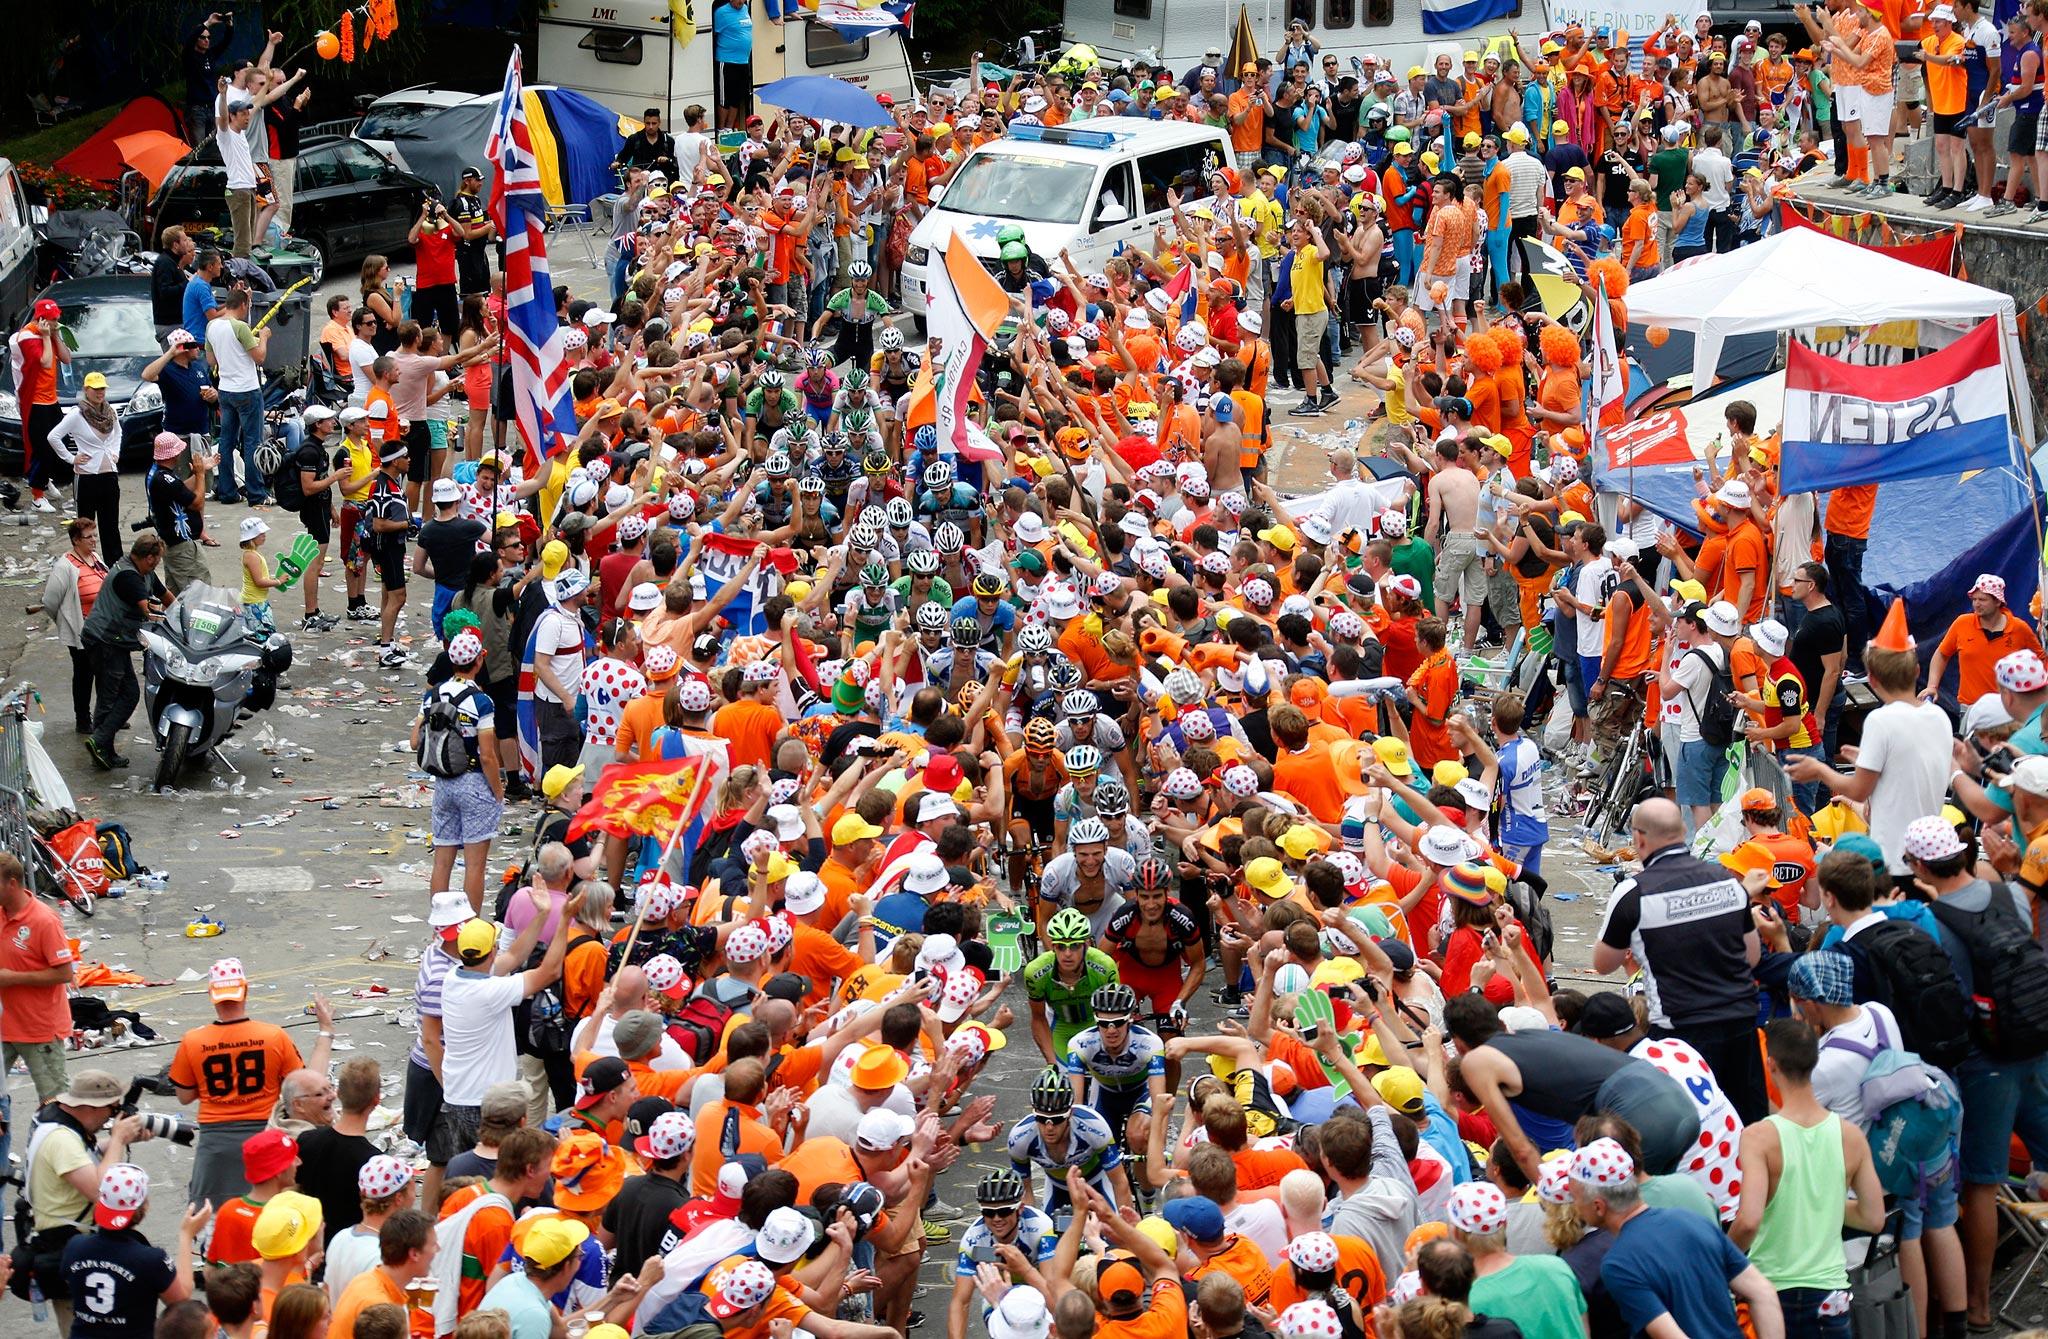 L'Alpe d'Huez fans